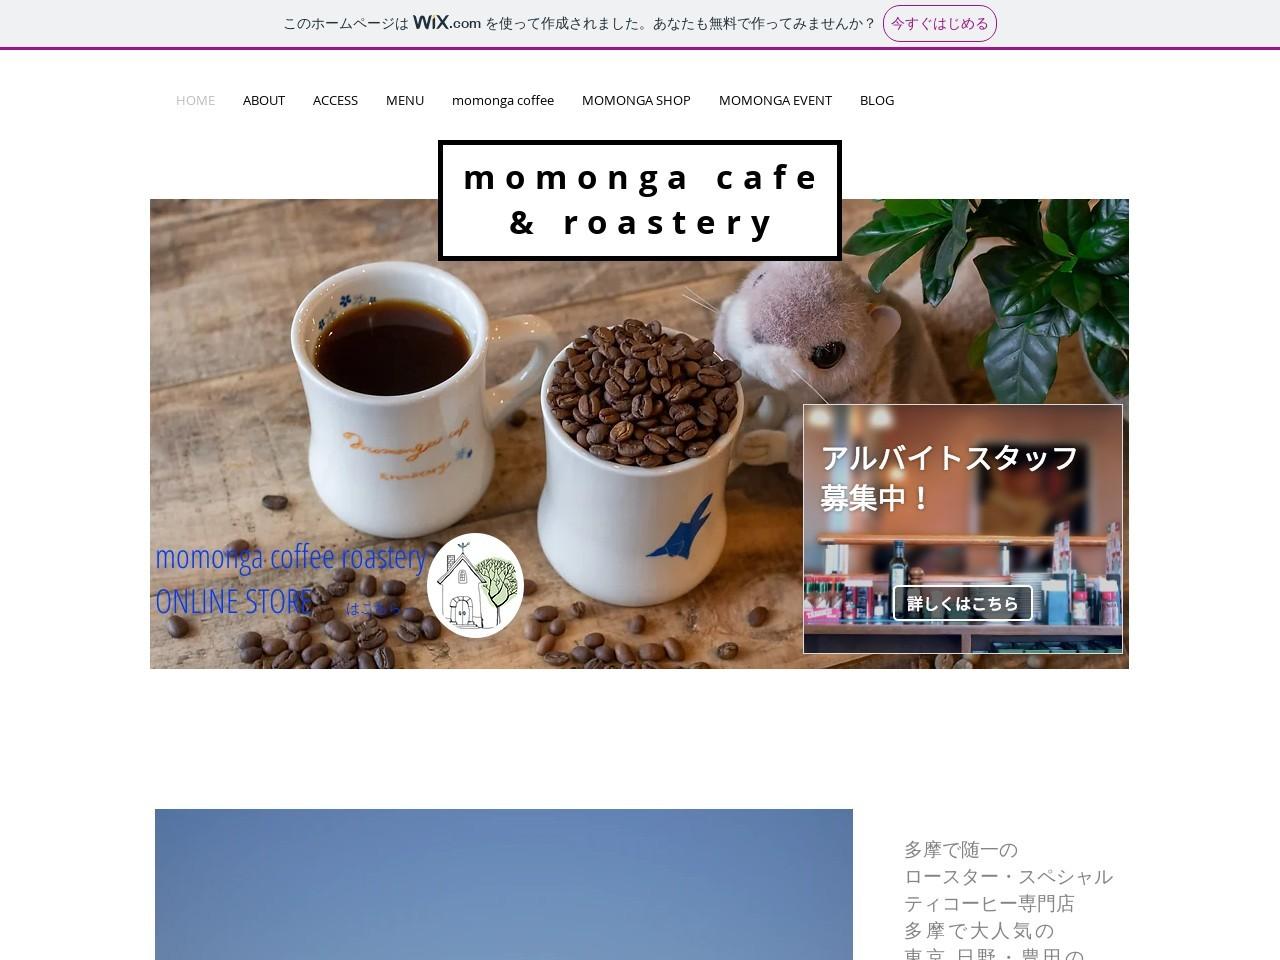 モモンガカフェ&ロースタリー